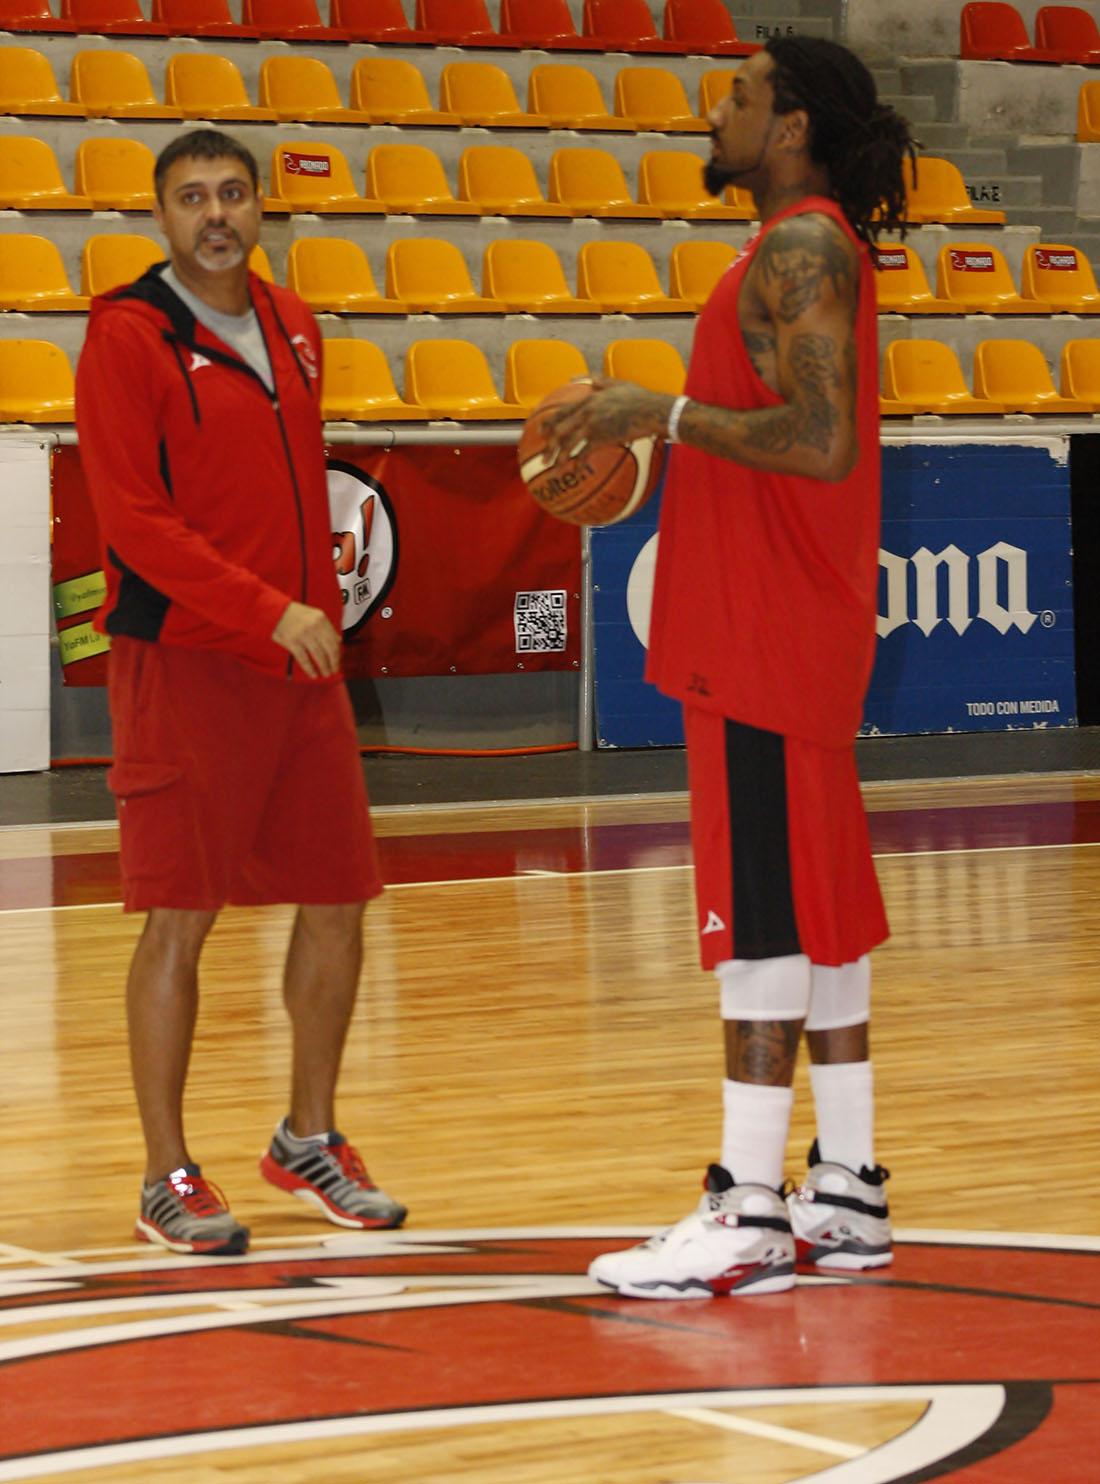 Renaldo Balkman ahora en halcones rojos, la nota en viva basquet